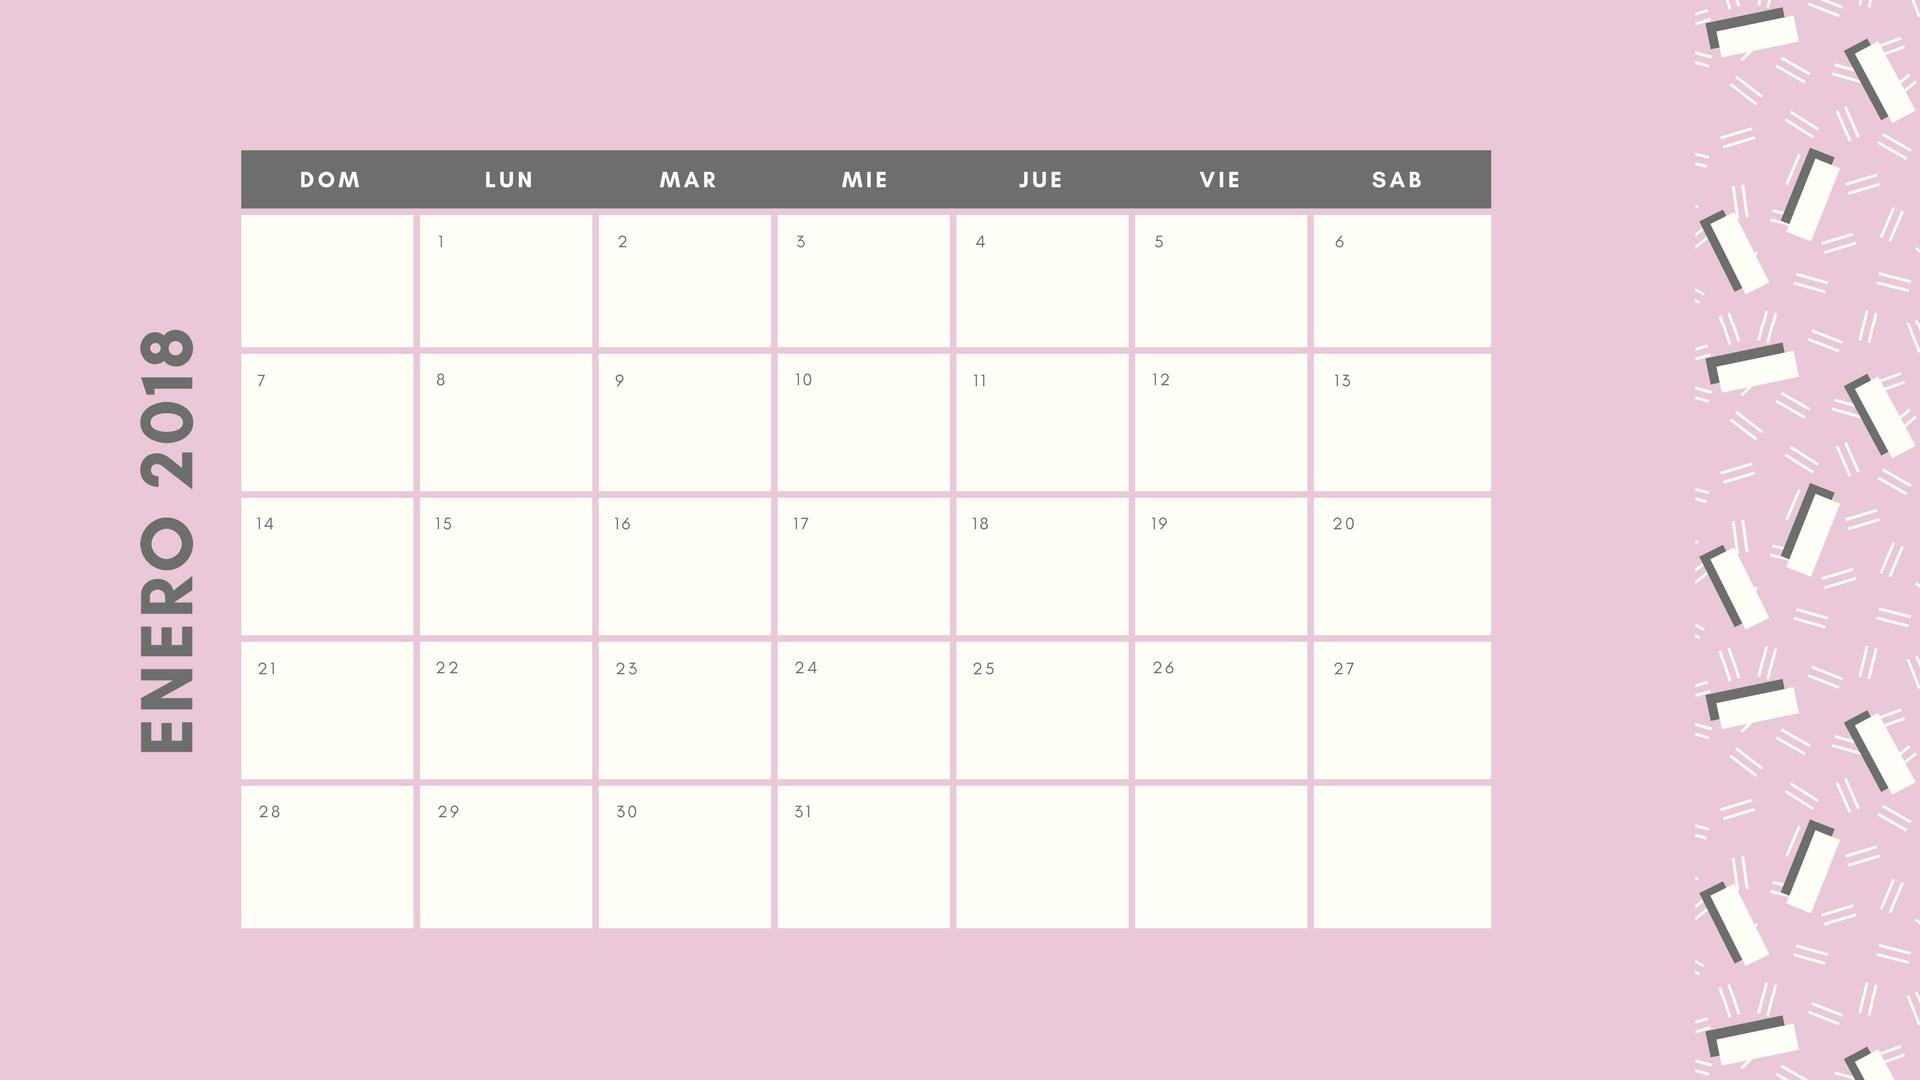 Imprimir Calendario Diario 2017 Más Recientemente Liberado Crea Calendarios Personalizados Online Gratis Con Canva Of Imprimir Calendario Diario 2017 Más Arriba-a-fecha Calendario Para Imprimir 2018 2019 Costurero